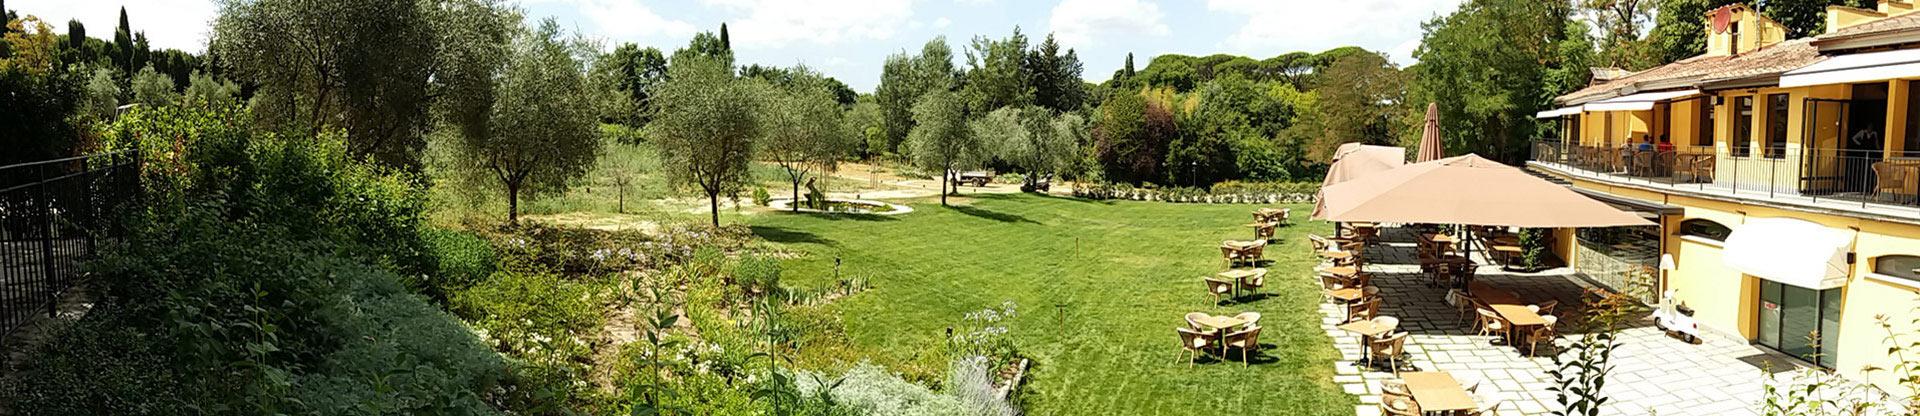 Realizzazione del giardino del ristorante chalet fontana - Gradoni giardino ...